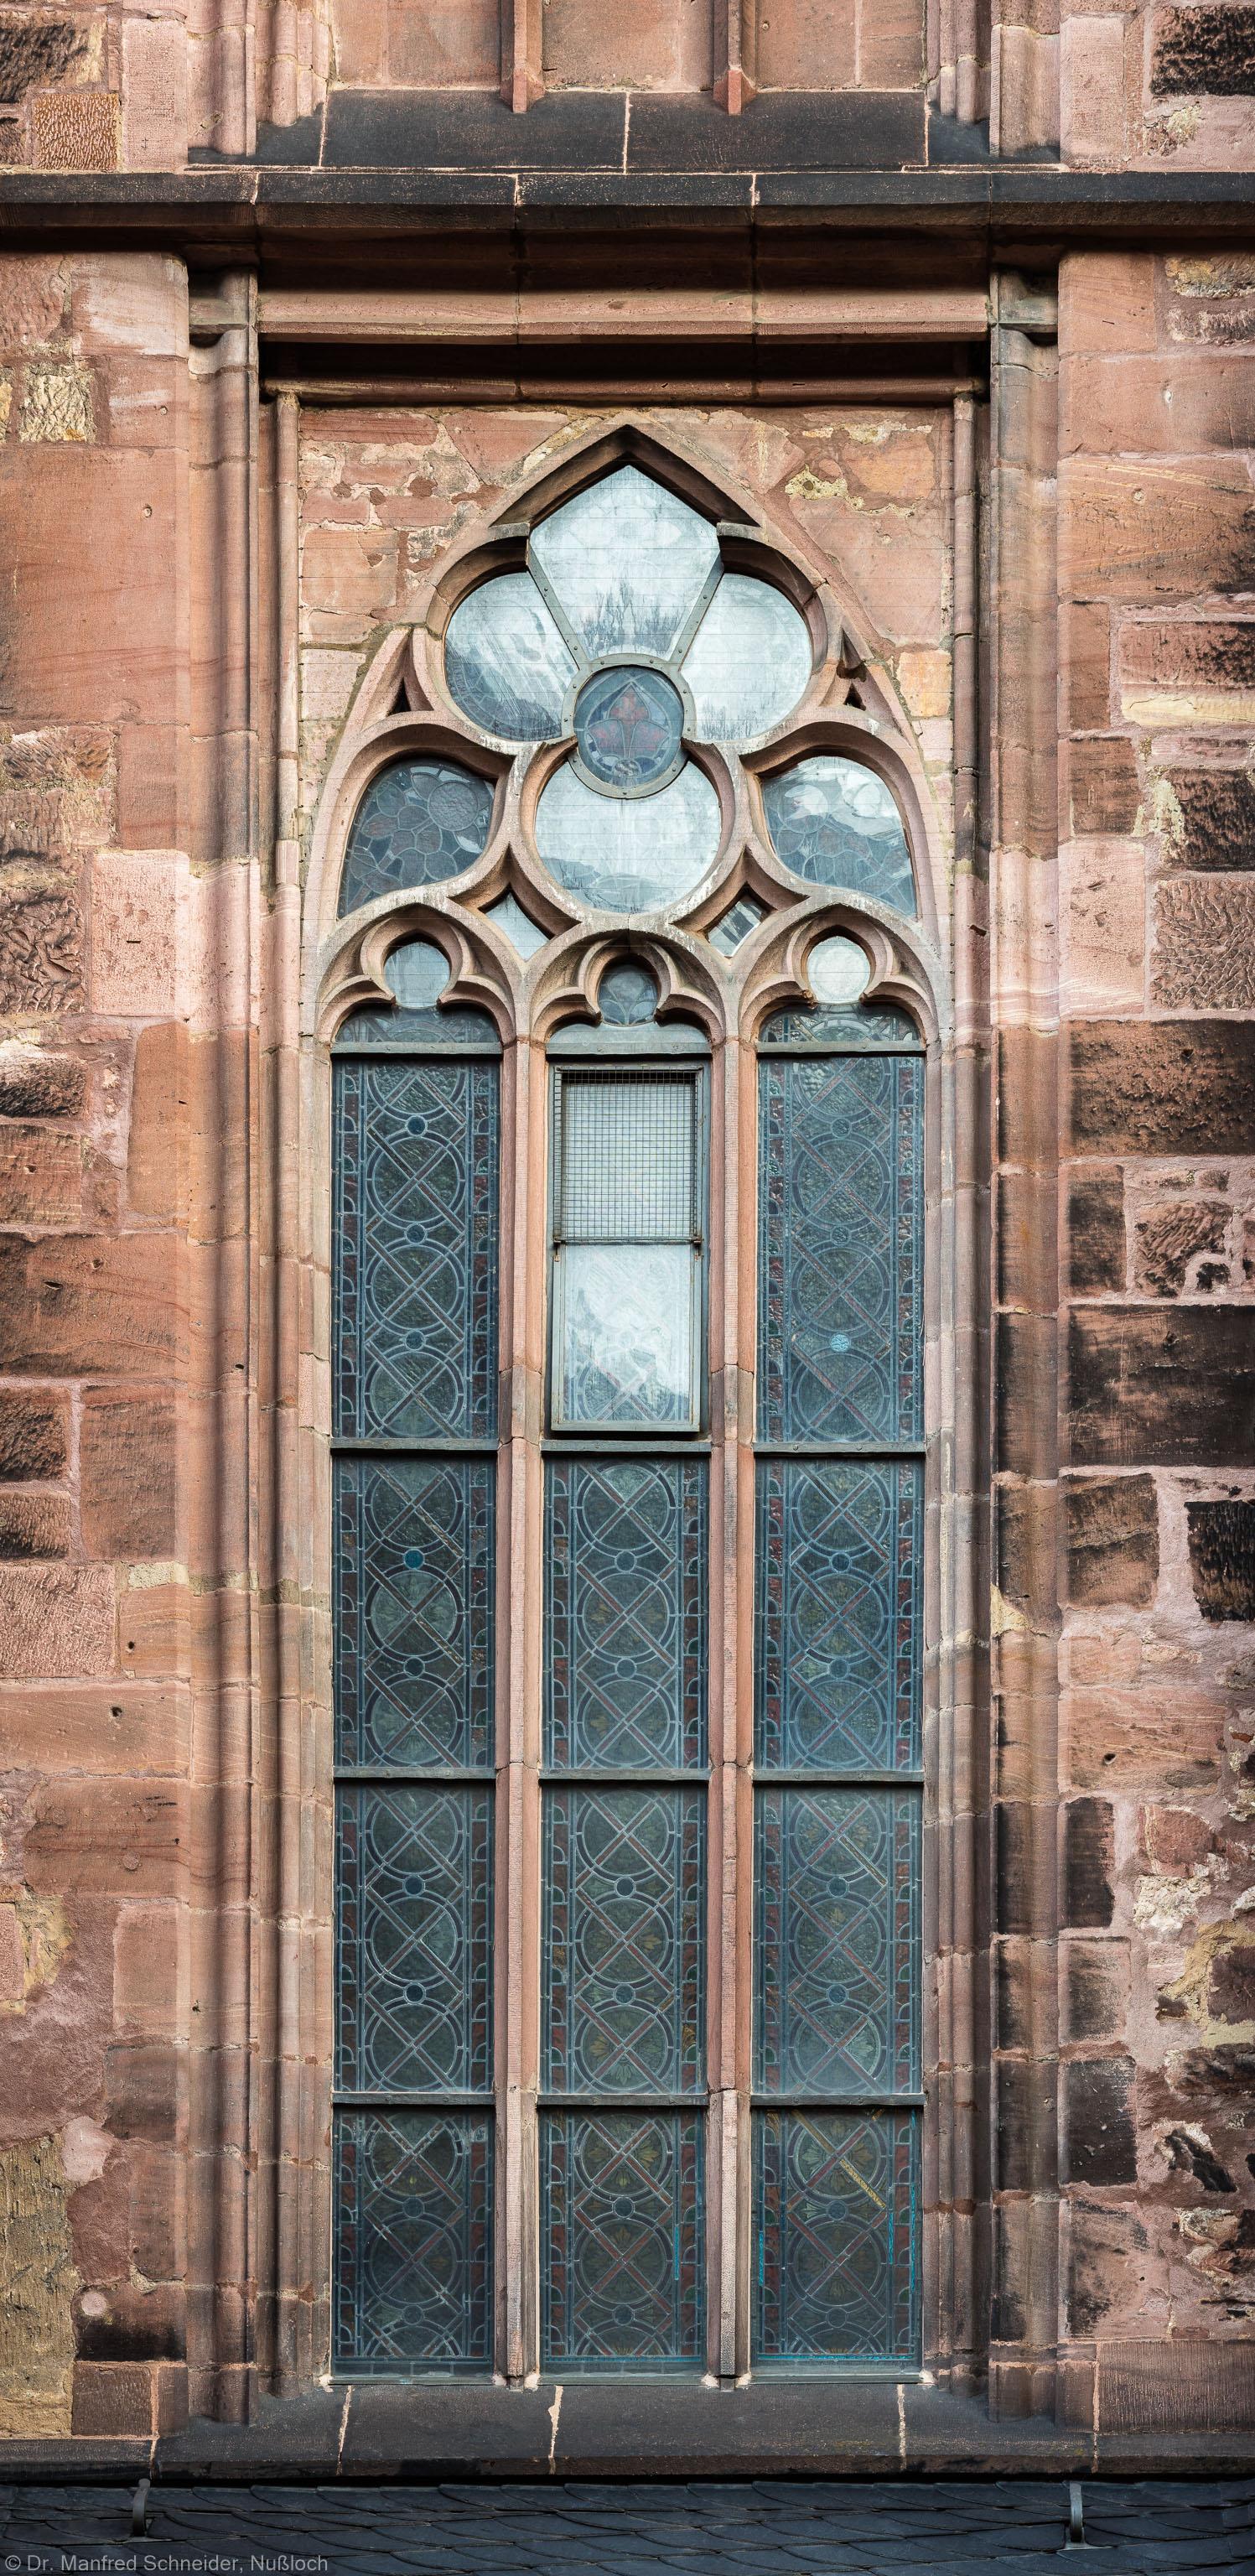 Heidelberg - Heiliggeistkirche - Südseite - 4. Fenster des Südschiffs, von Westen aus gezählt - Blick auf das Ornamentfenster (aufgenommen im November 2015, am Vormittag)